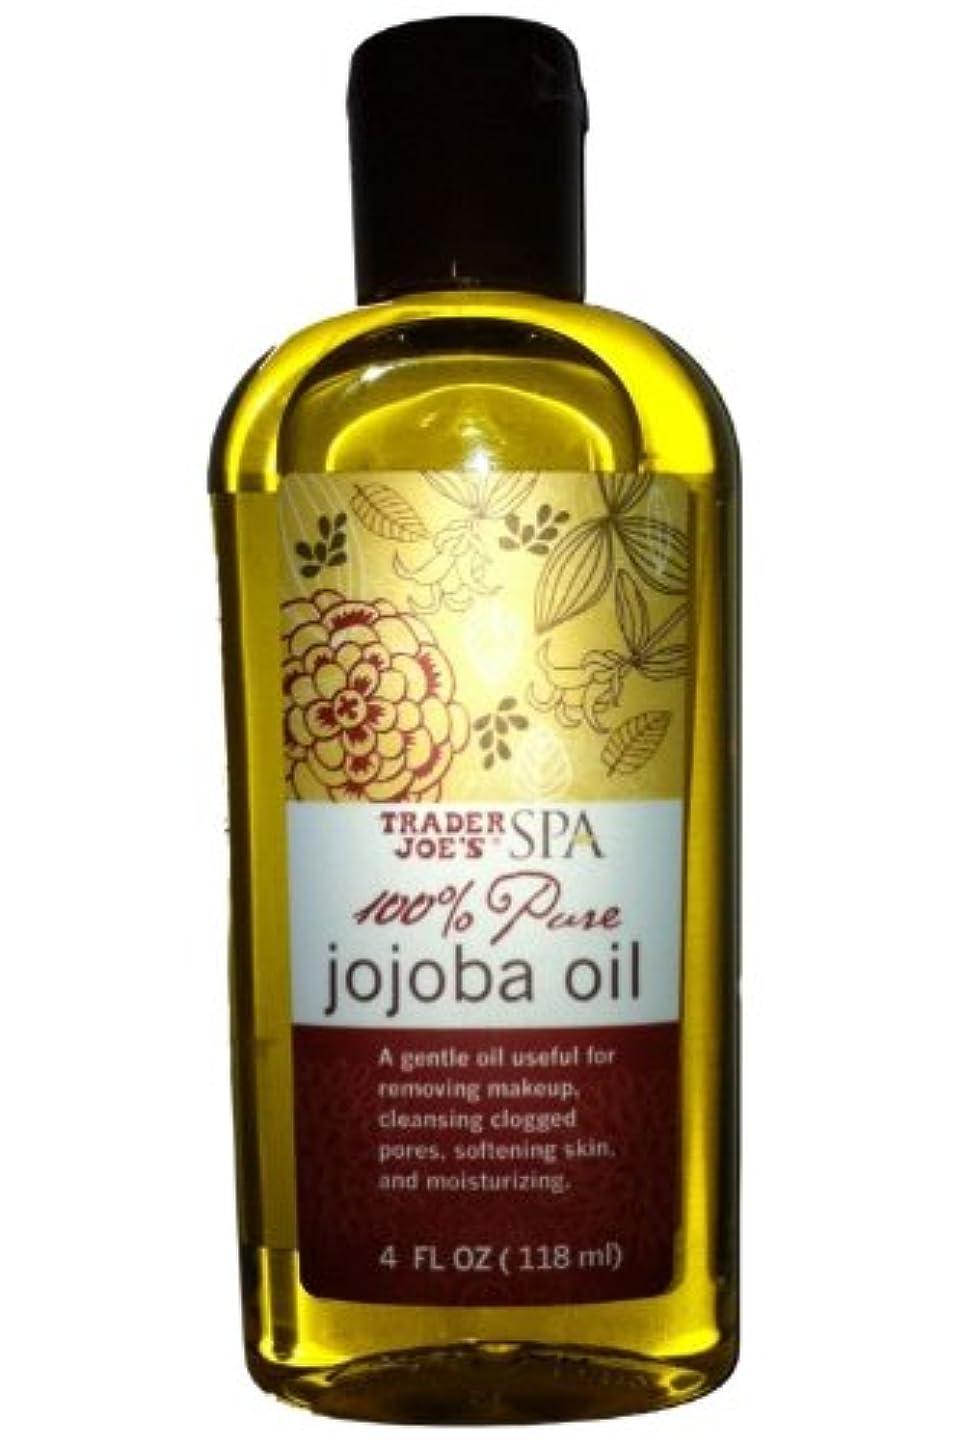 値鷹負荷トレーダージョーズ 100%ピュア ホホバオイル[並行輸入品] Trader Joe's SPA 100% Pure Jojoba Oil (4FL OZ/118ml)